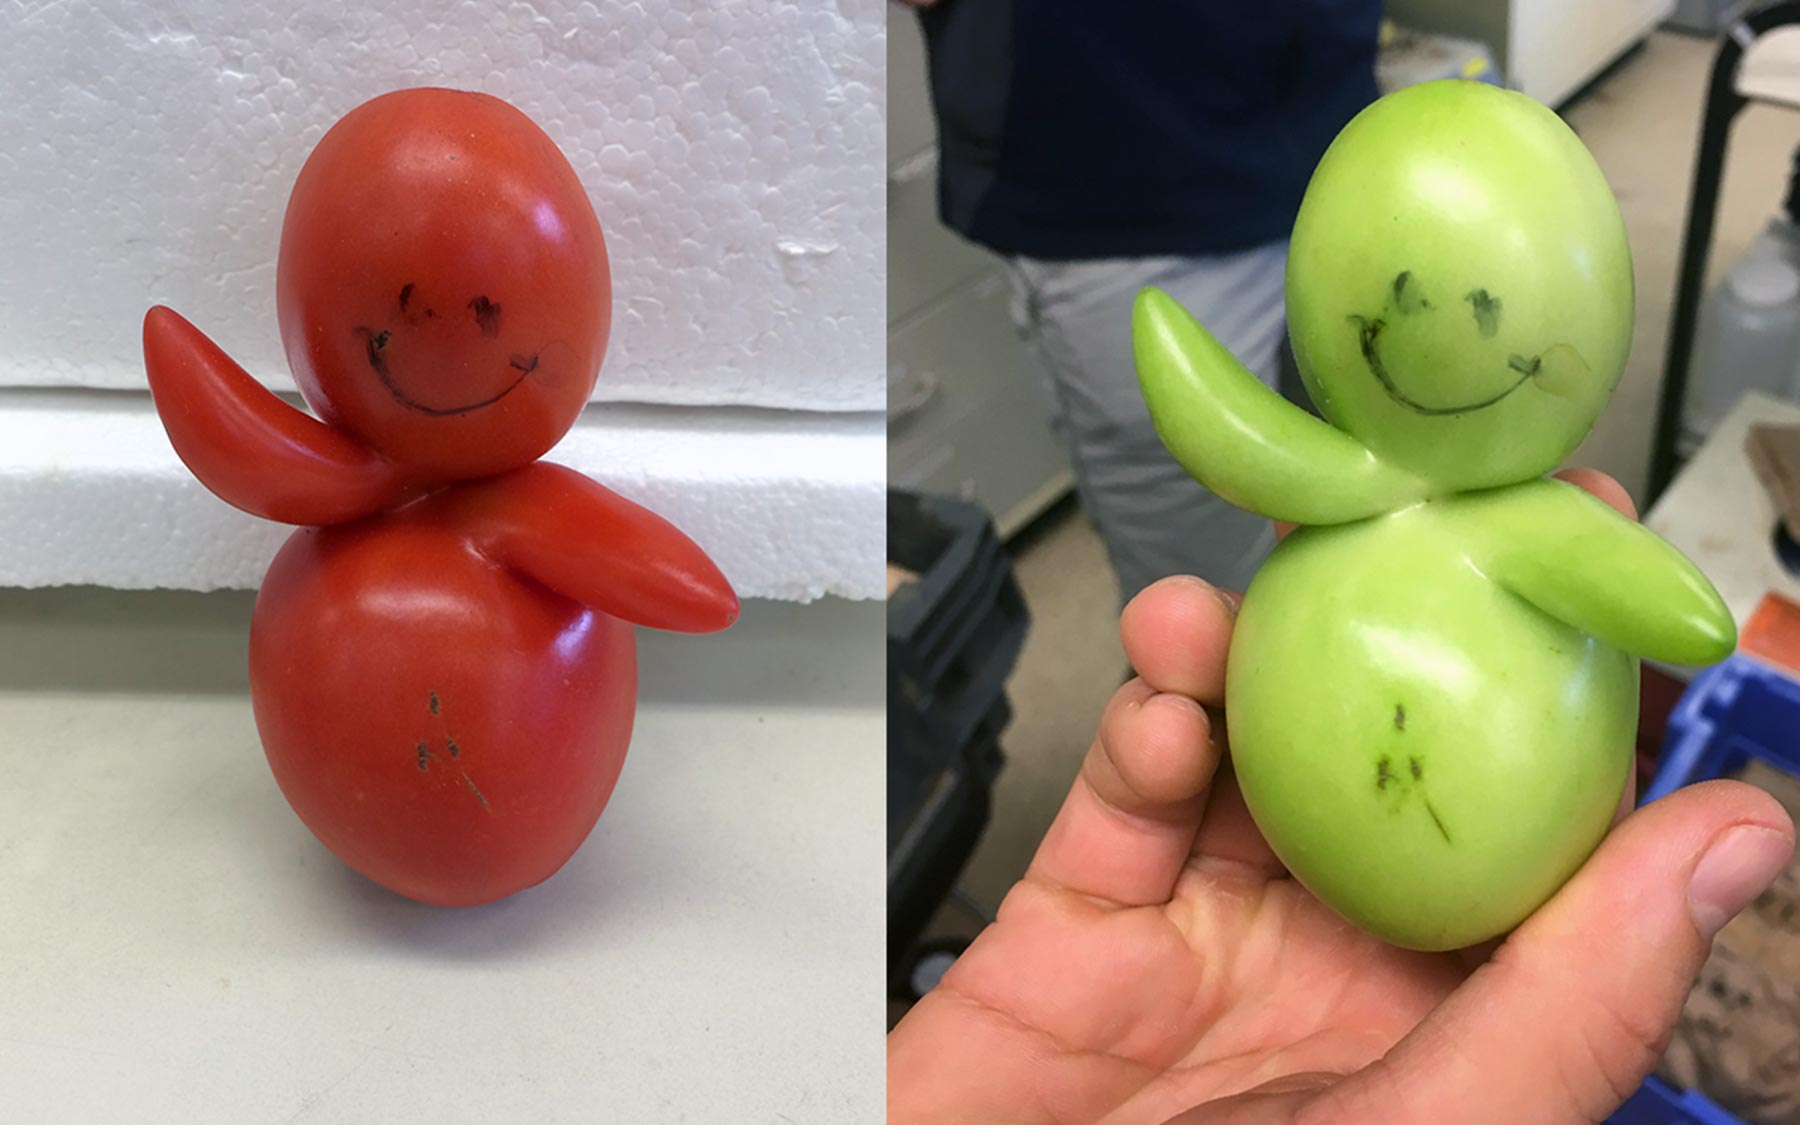 Tomato baby